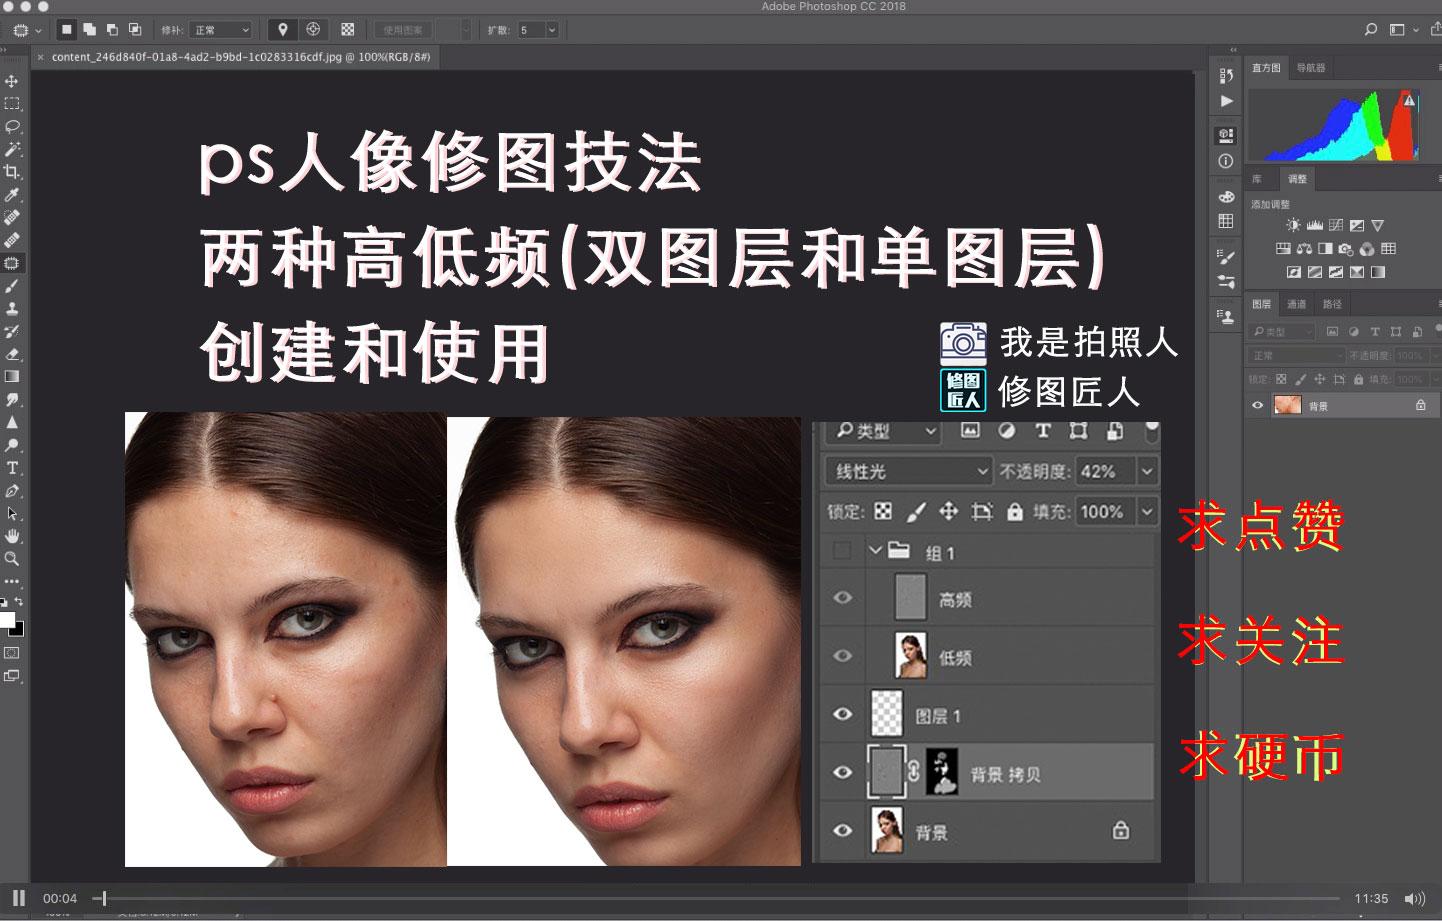 PS修图技巧 双图层和单图层 高低频磨皮创建和使用 修图技巧 第1张